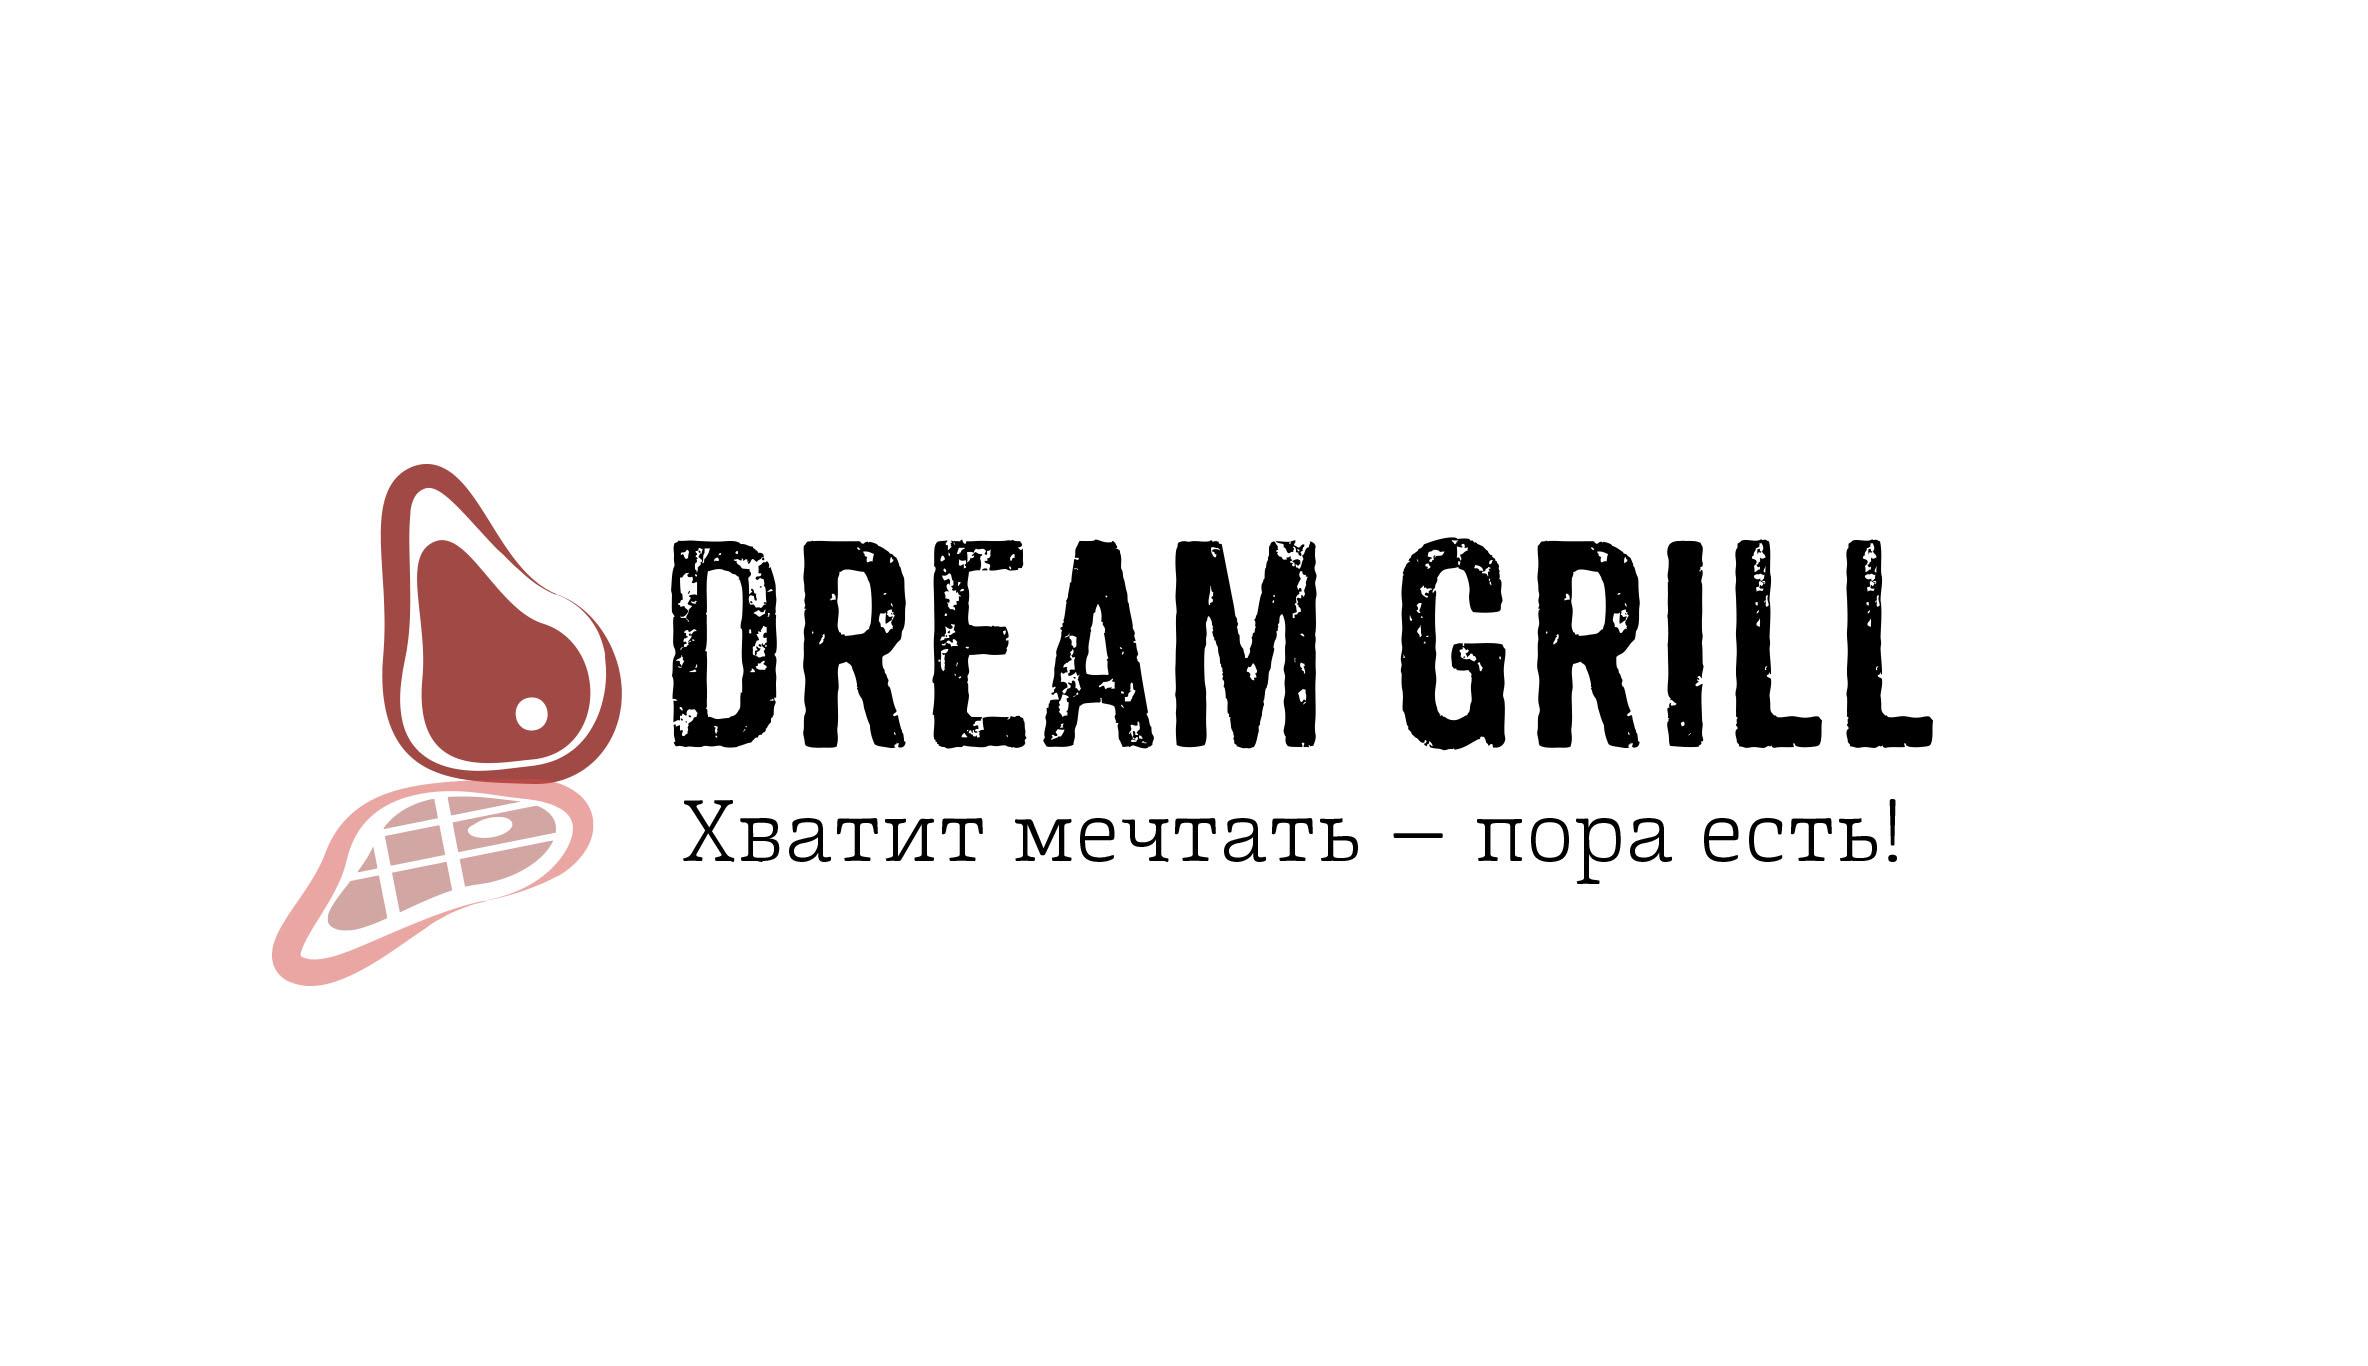 Разработка логотипа для фастфуда фото f_072554e9ad484388.jpg